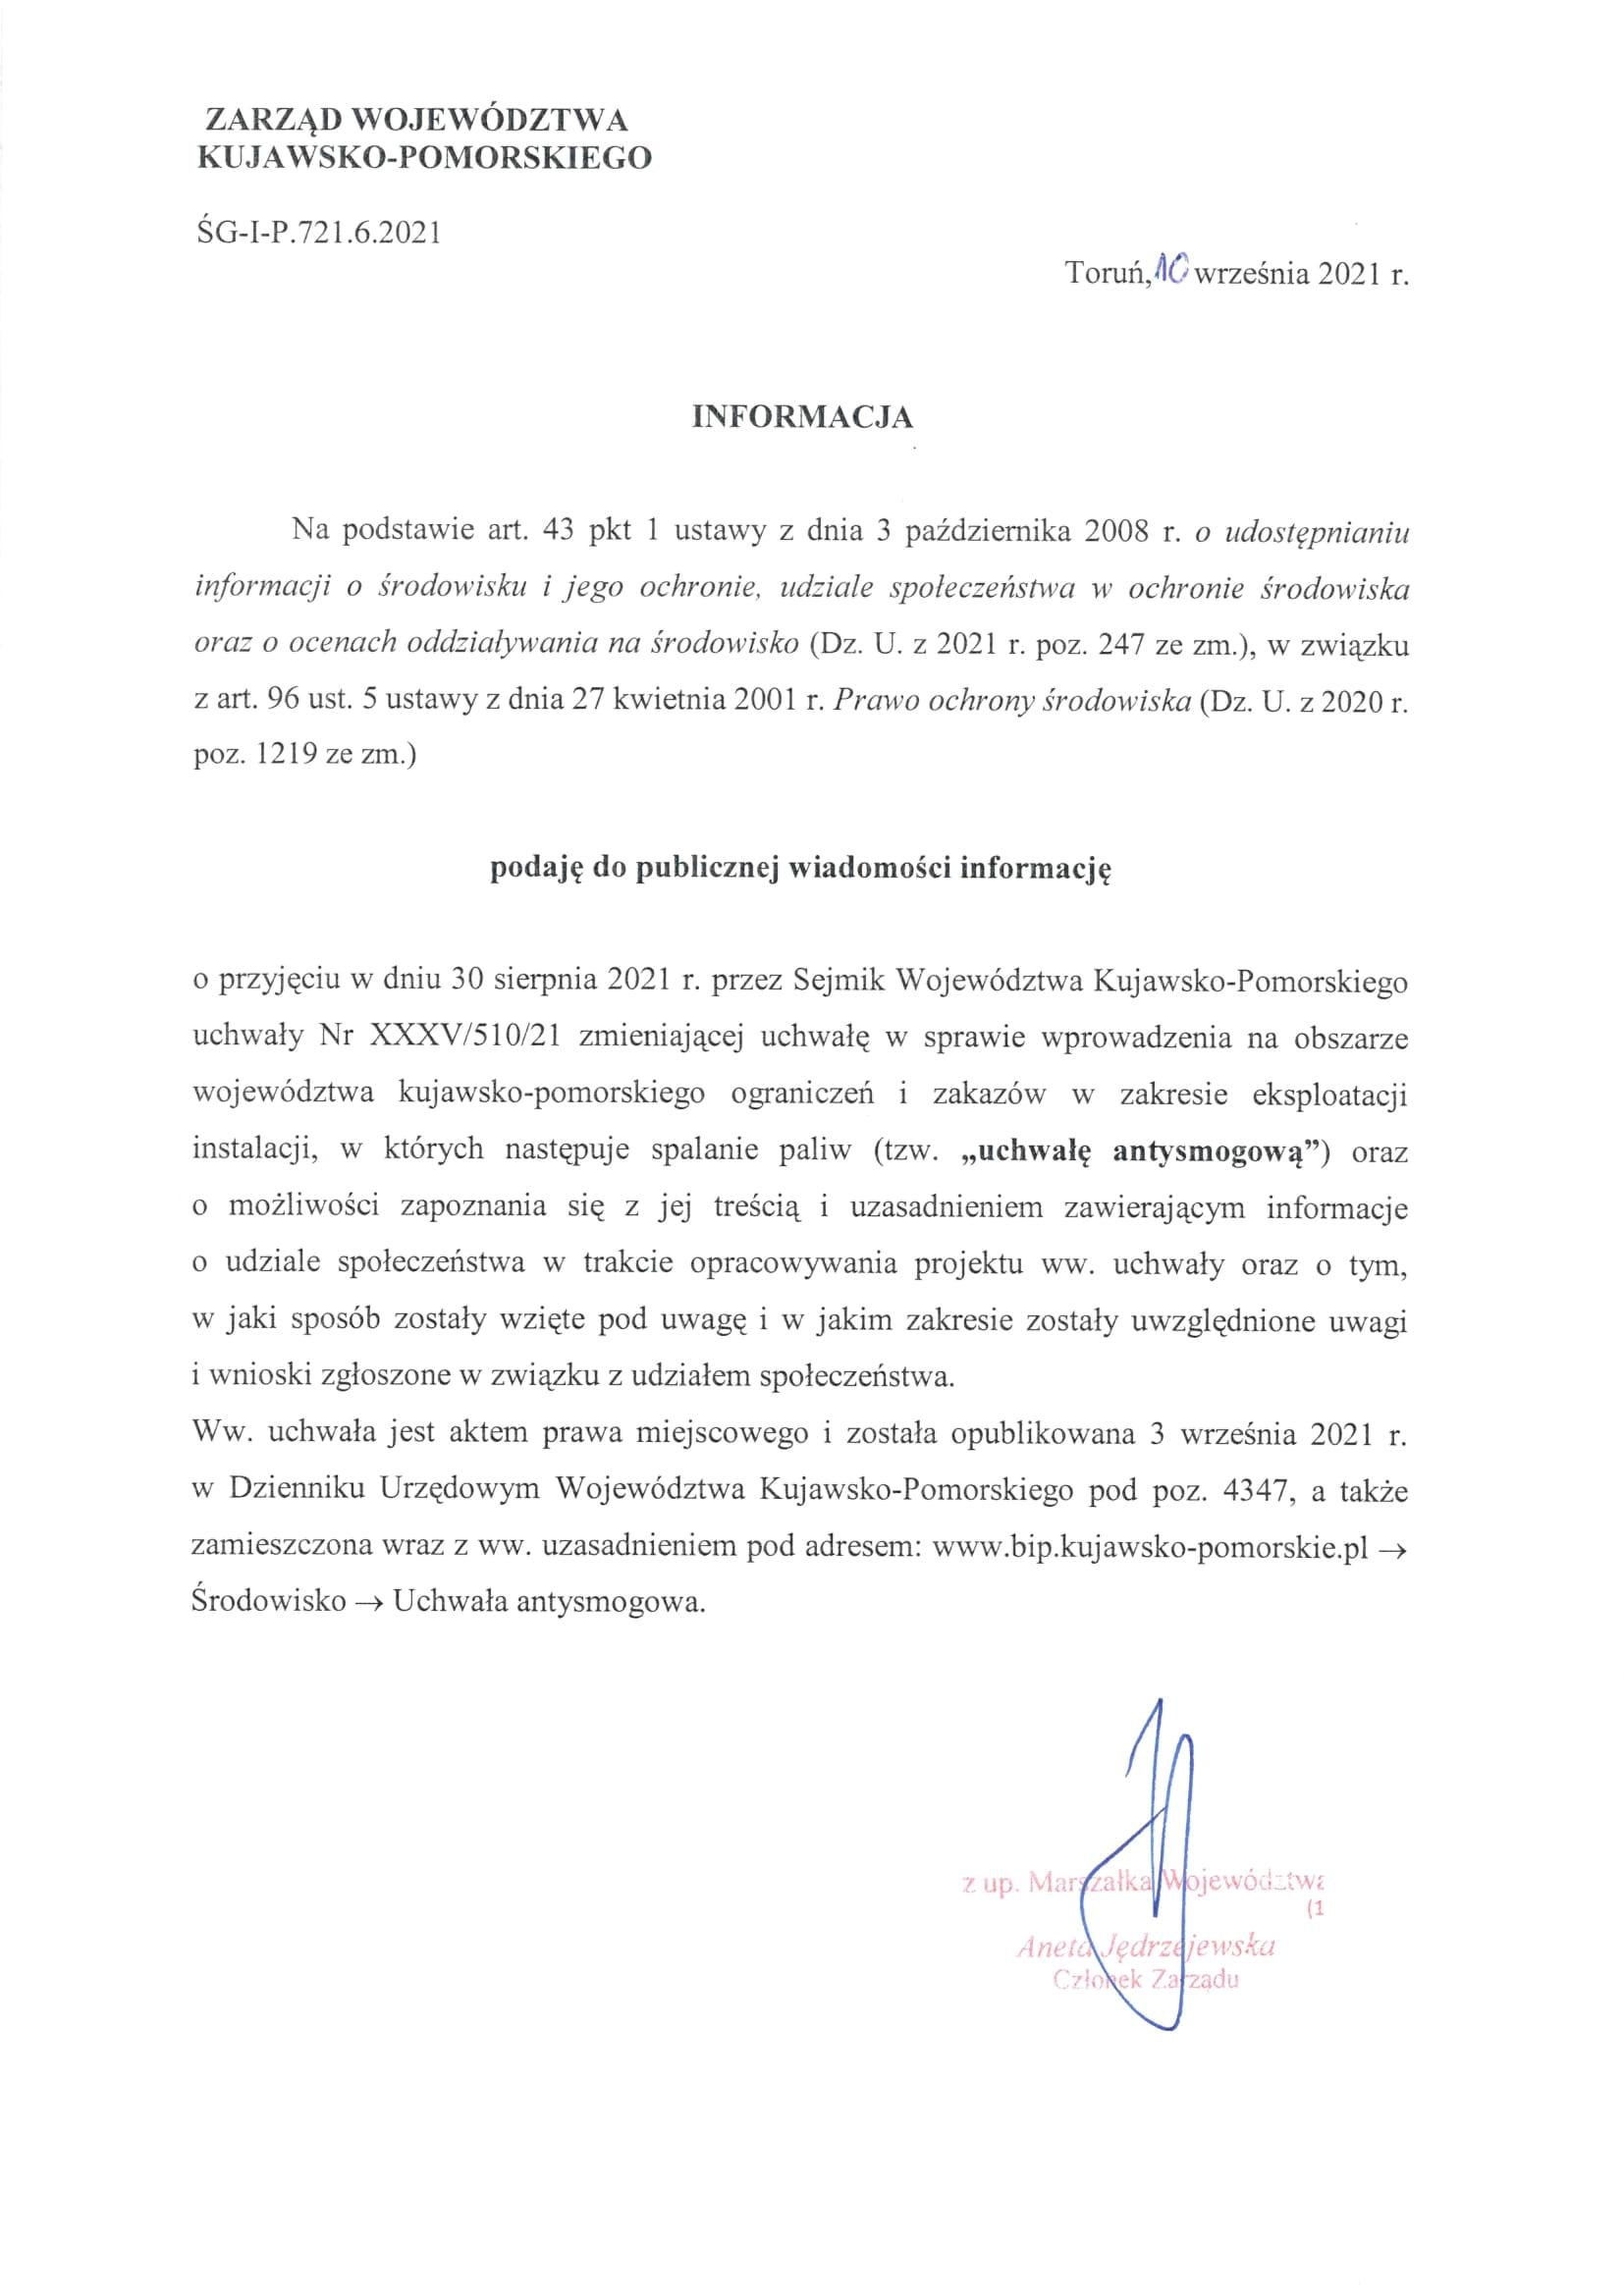 Informacja_publiczna_o_przyjeciu_zmiany_uchwaly_antysmogowej-1.jpg (207 KB)